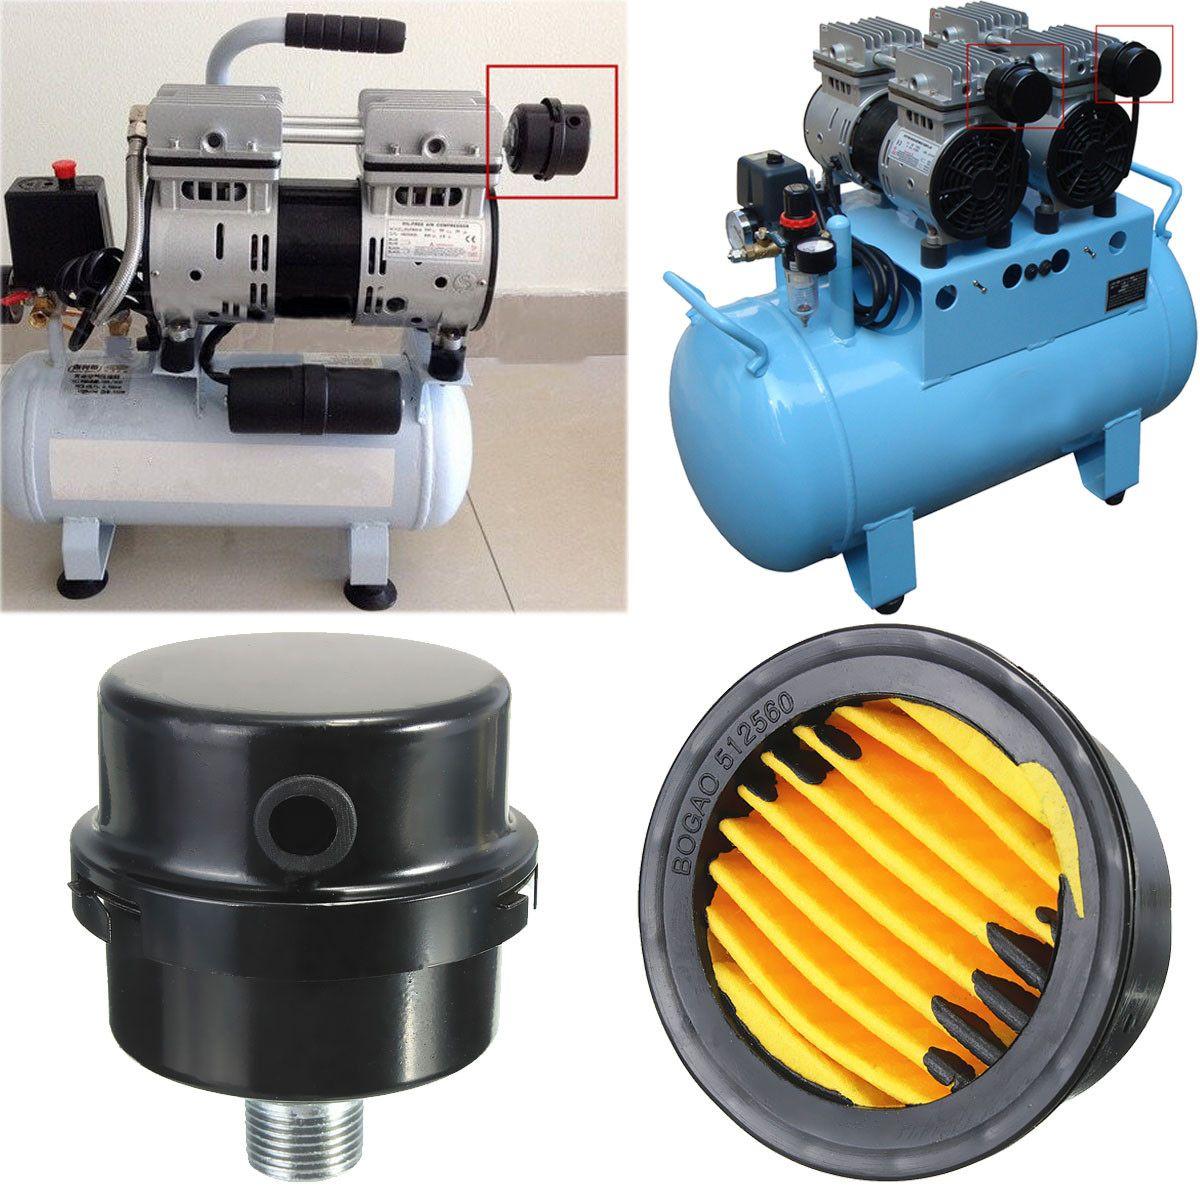 Air Filter Air Compressor Oil-Free Muffler Squelch Muffler Intake Filter